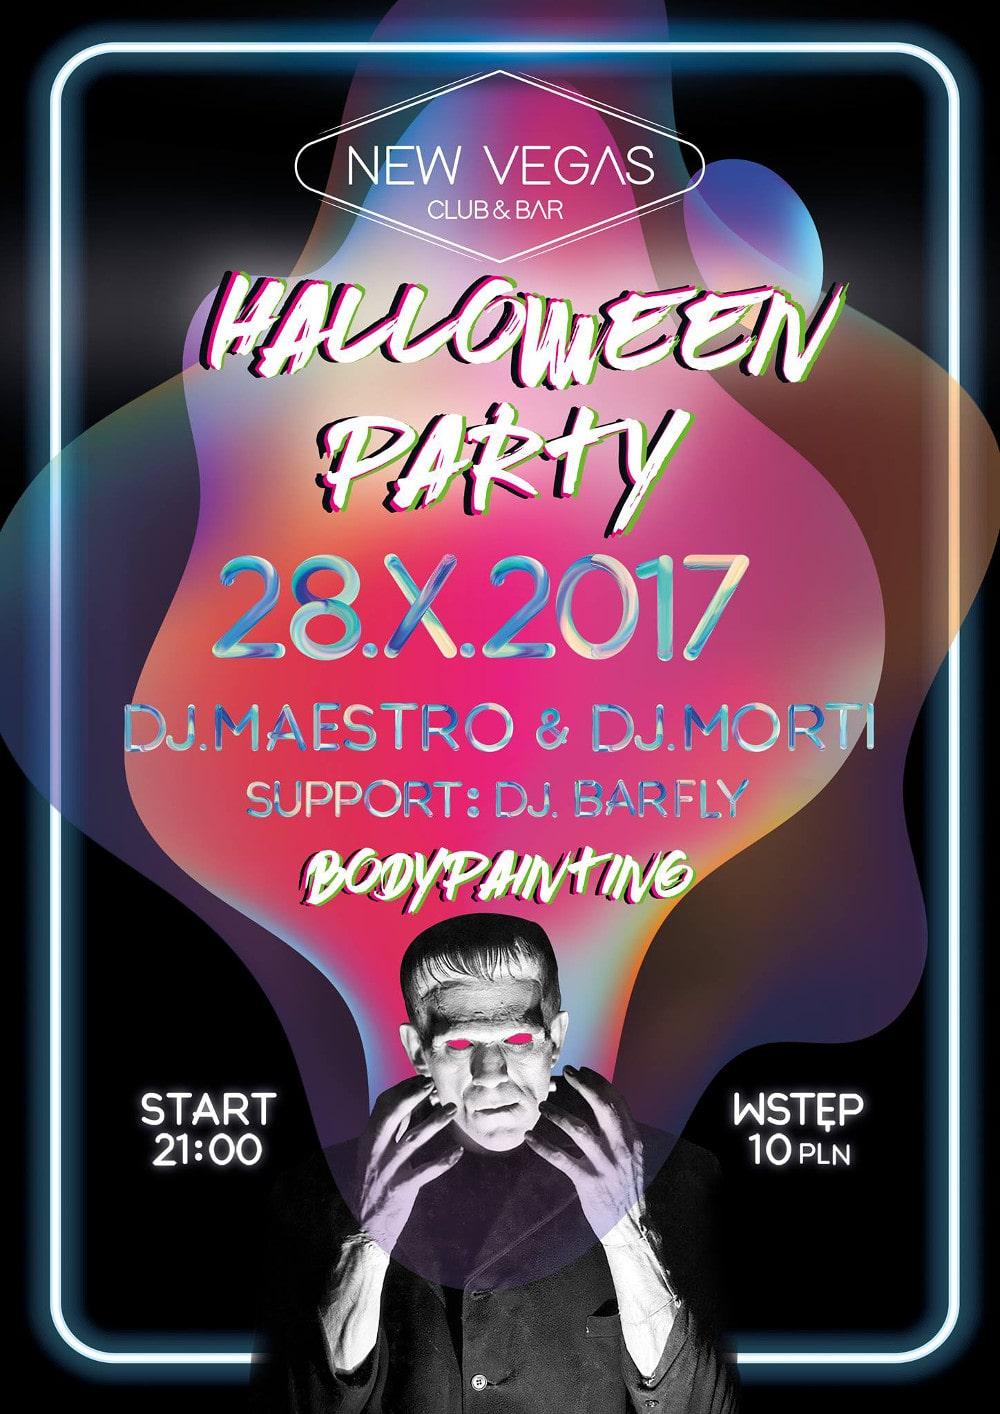 Impreza odbędzie się 28 października w Warszawie.